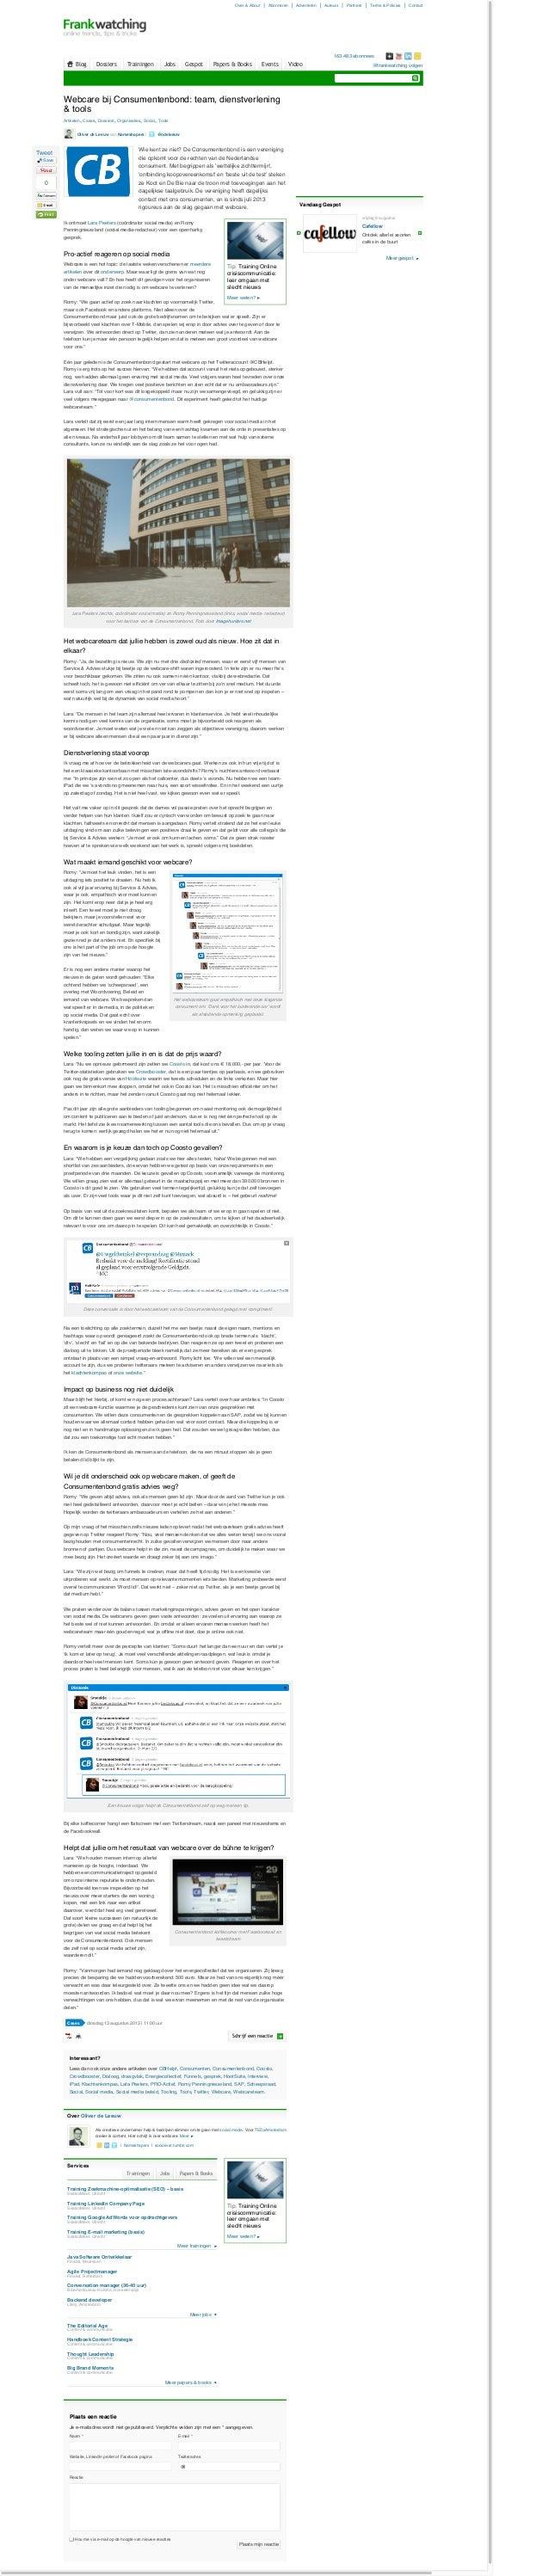 Webcare bij de Consumentenbond: team, dienstverlening & tools -  Artikel door Oliver de Leeuw van Nameshapers op Frankwatching.com